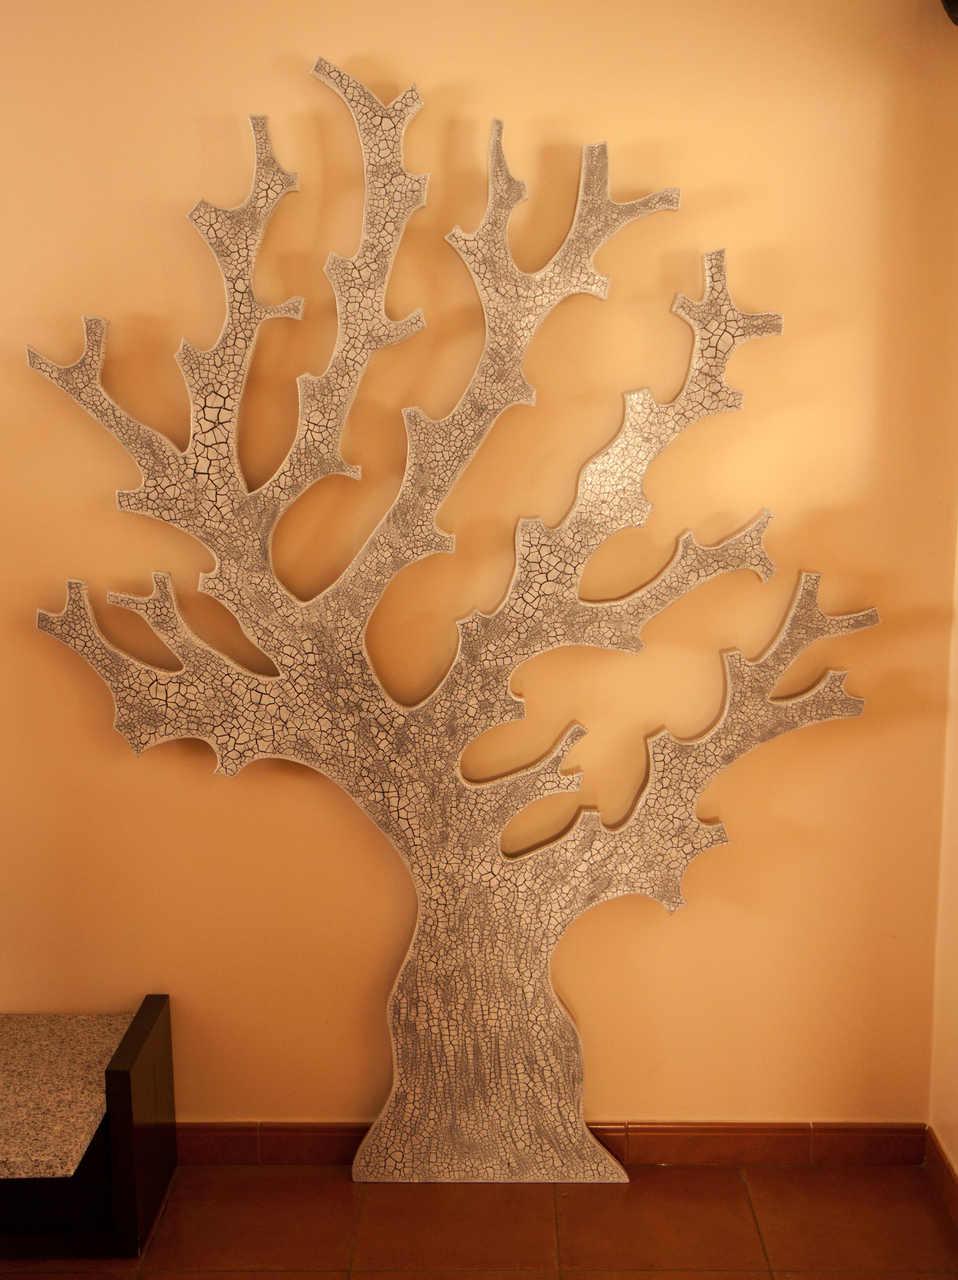 Árvore Decorativa com Leds   ArborCandida